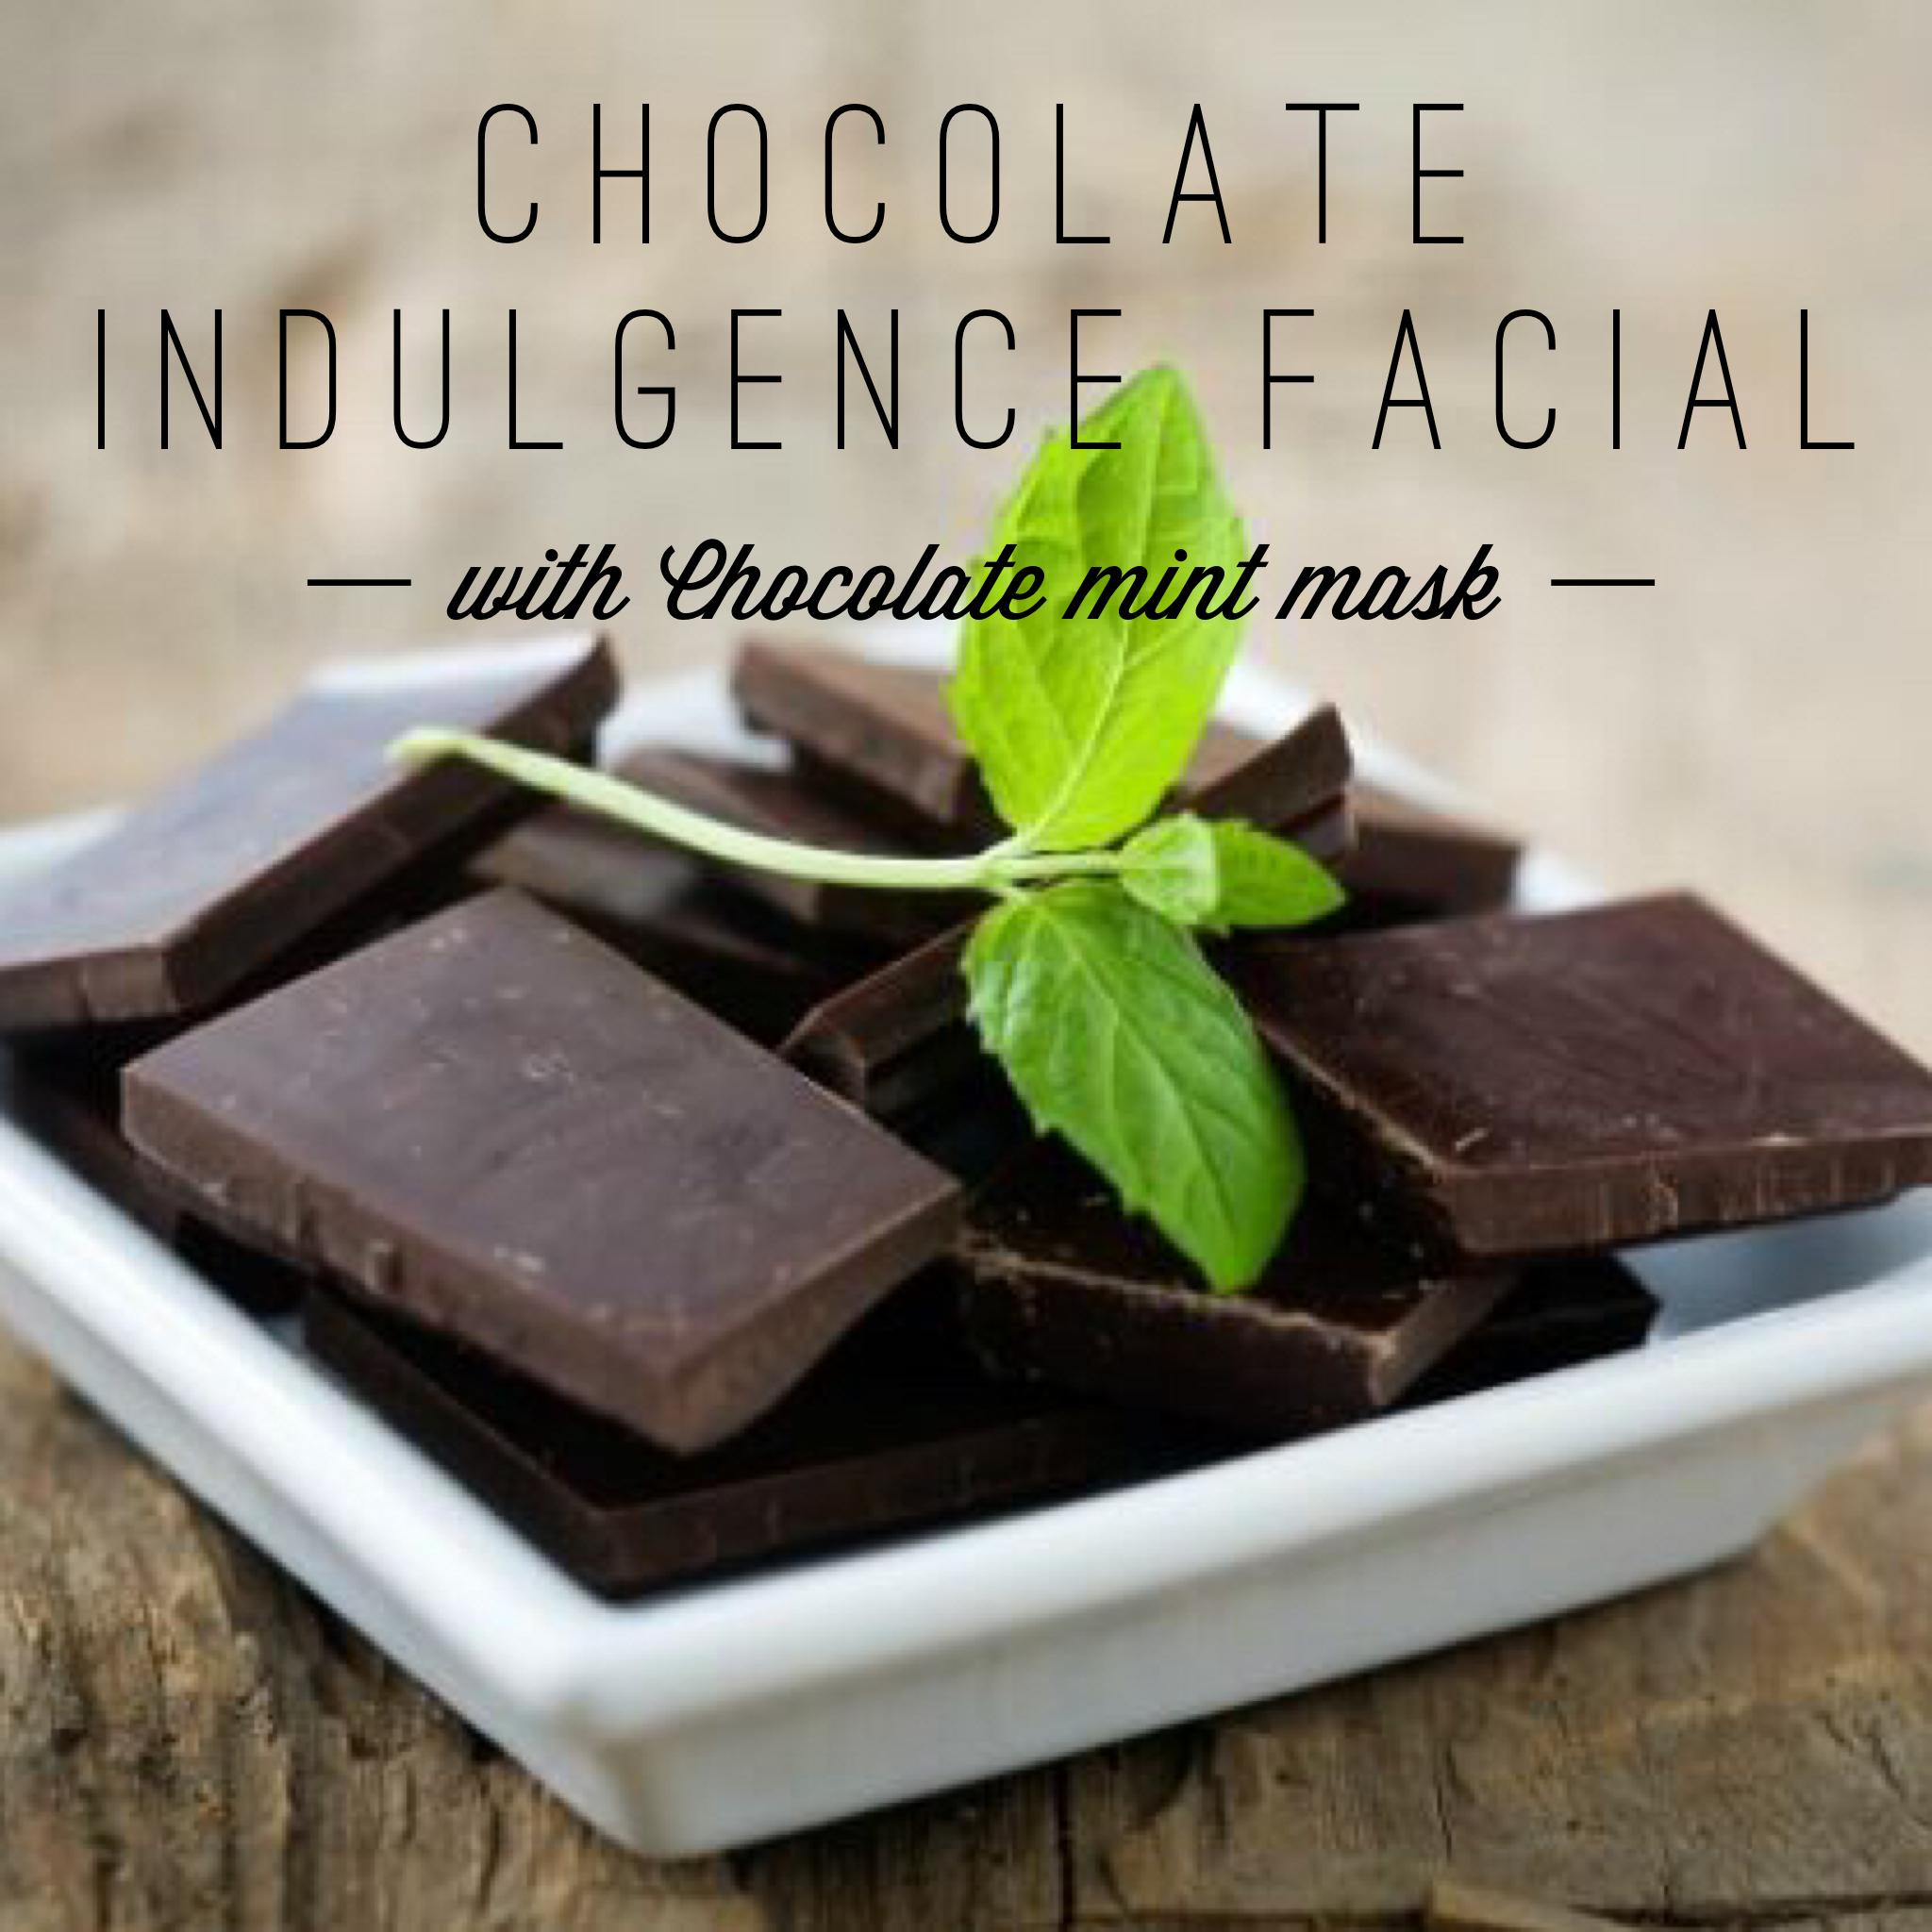 Chocolate Indulgence Facial